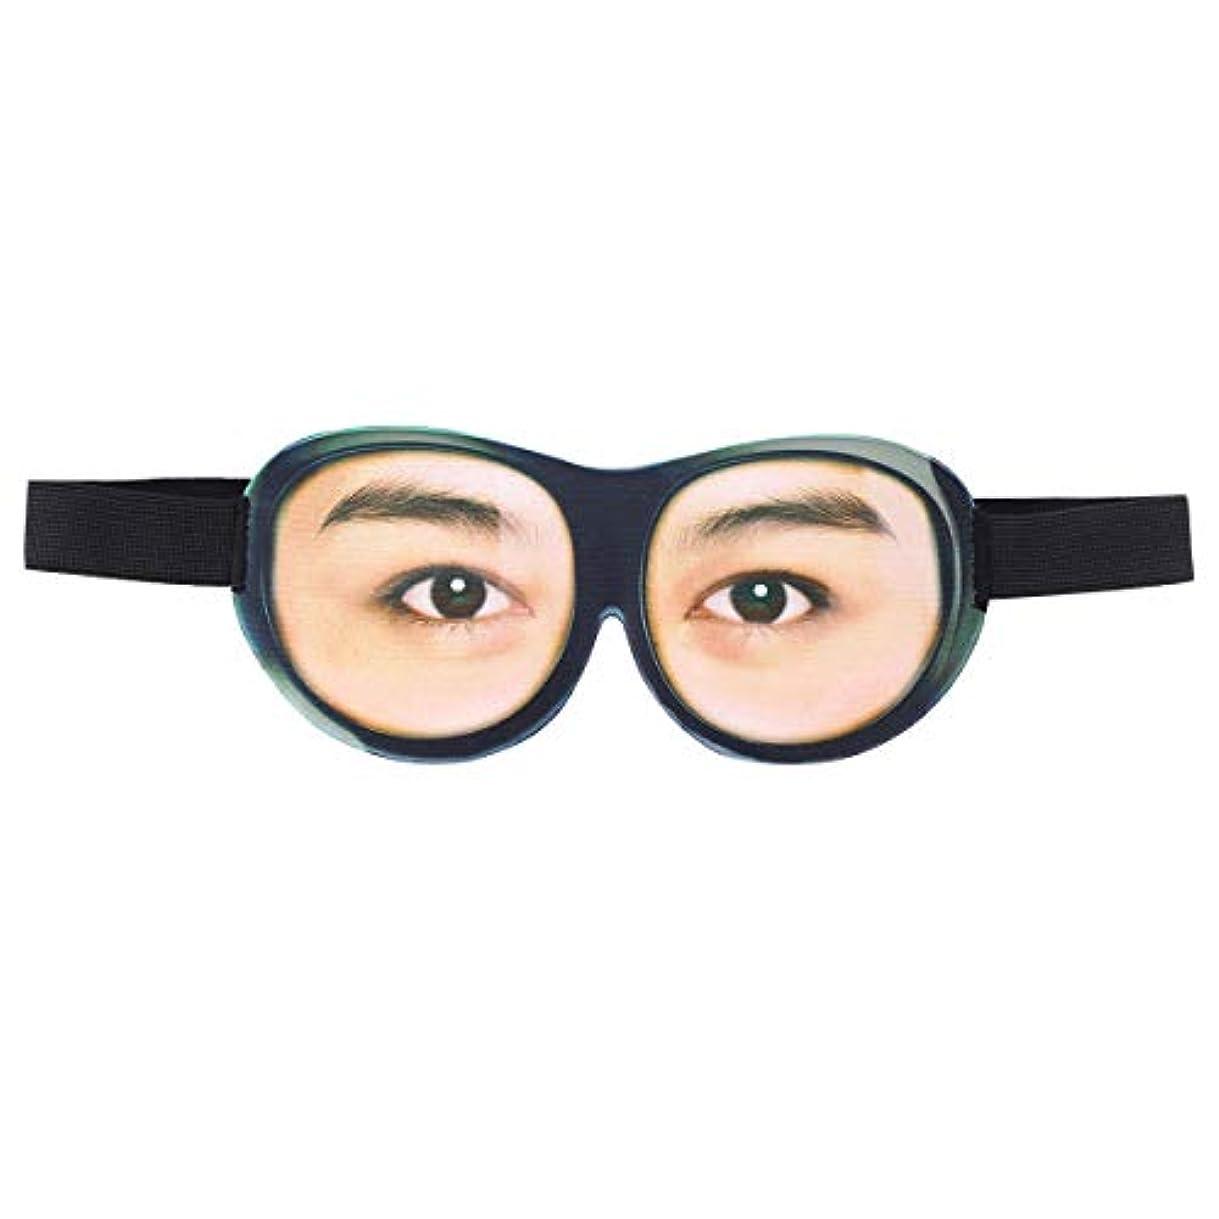 現在エレベーターナチュラルHealifty 睡眠目隠し3D面白いアイシェード通気性睡眠マスク旅行睡眠ヘルパーアイシェード用男性と女性